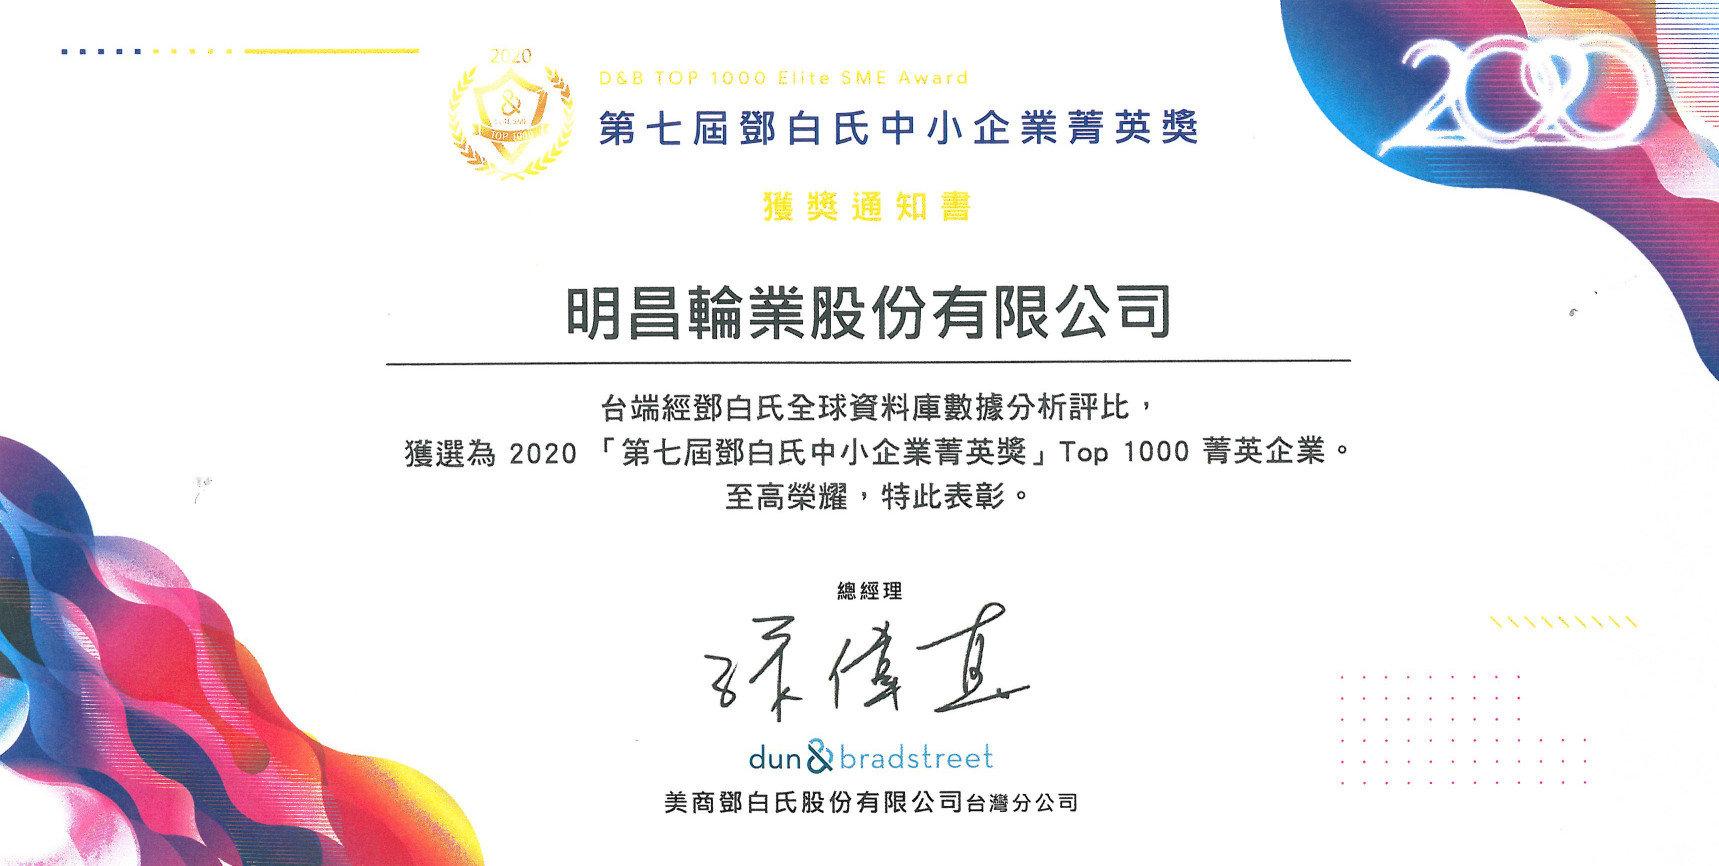 鄧白氏中小企業菁英獎